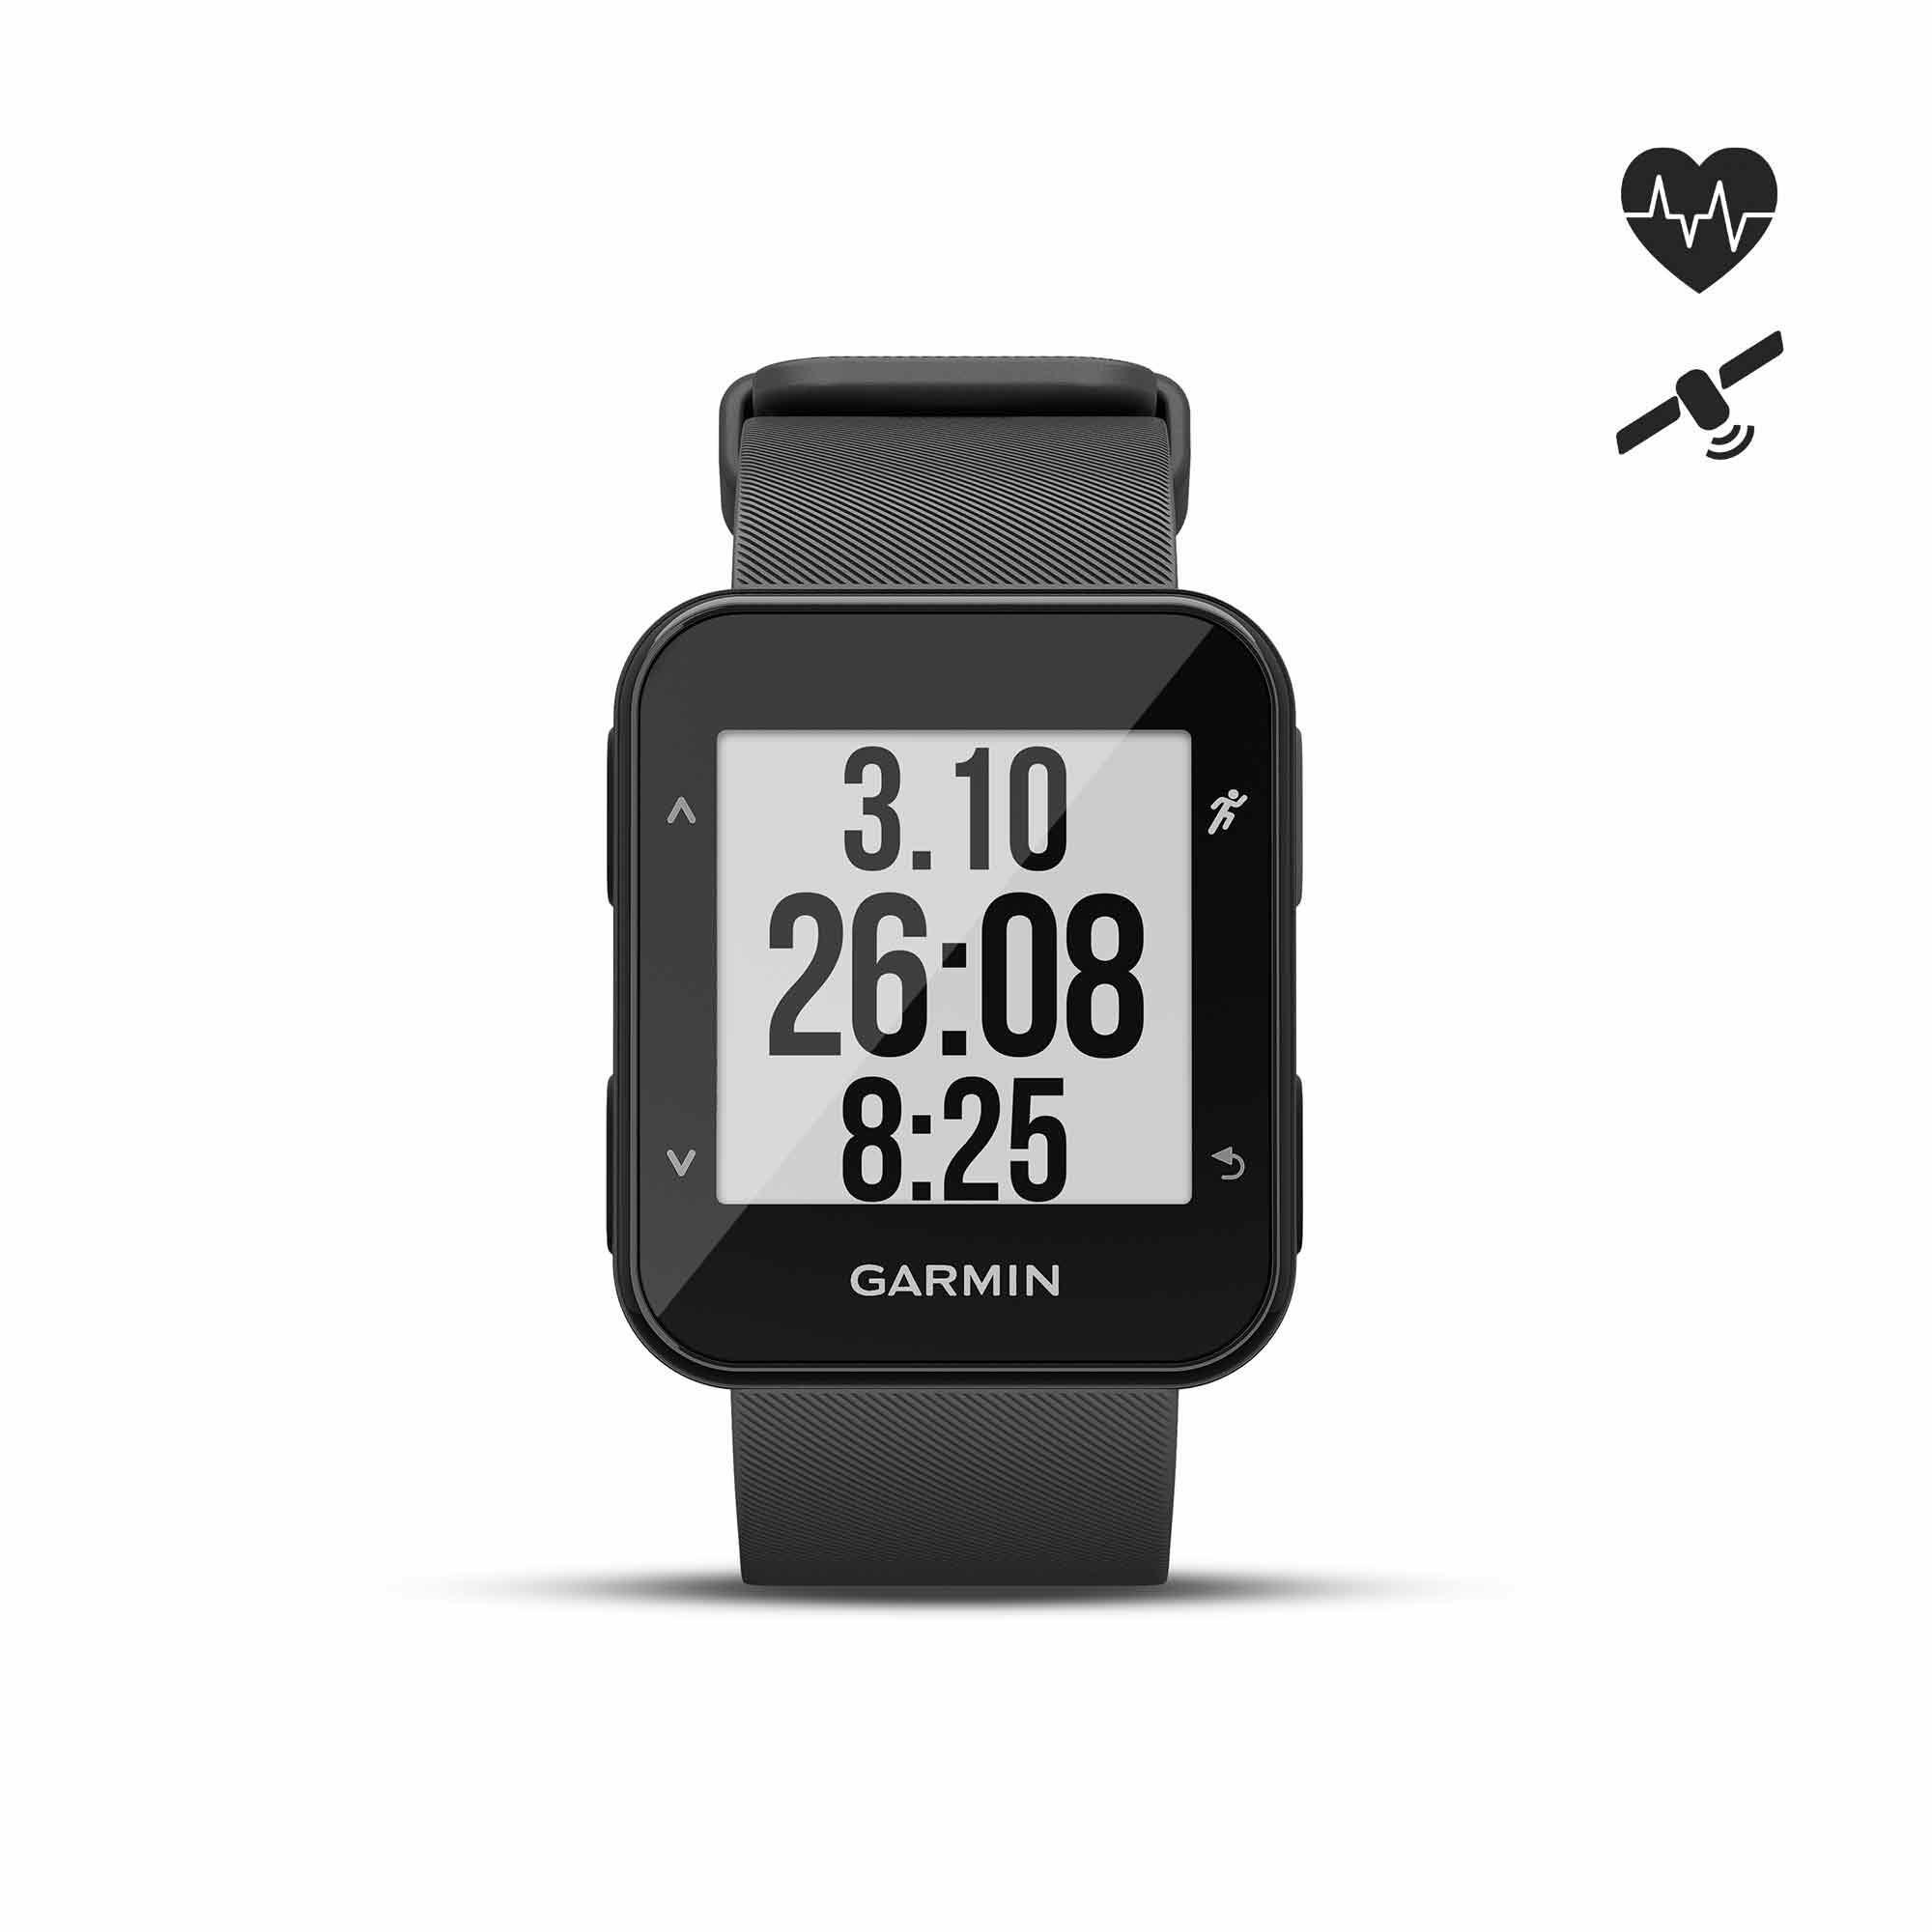 Garmin Gps-horloge met hartslagmeting aan de pols Forerunner 30 zwart voor €95,10